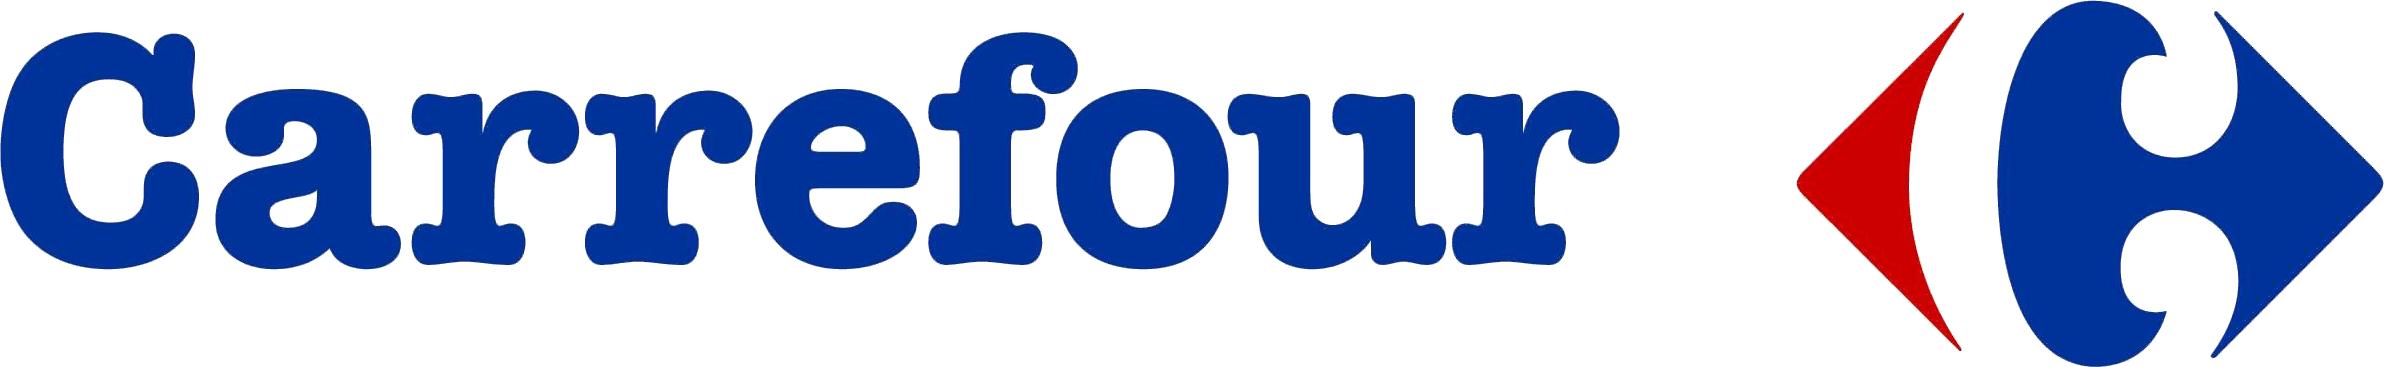 Voucher Promo Carrefour